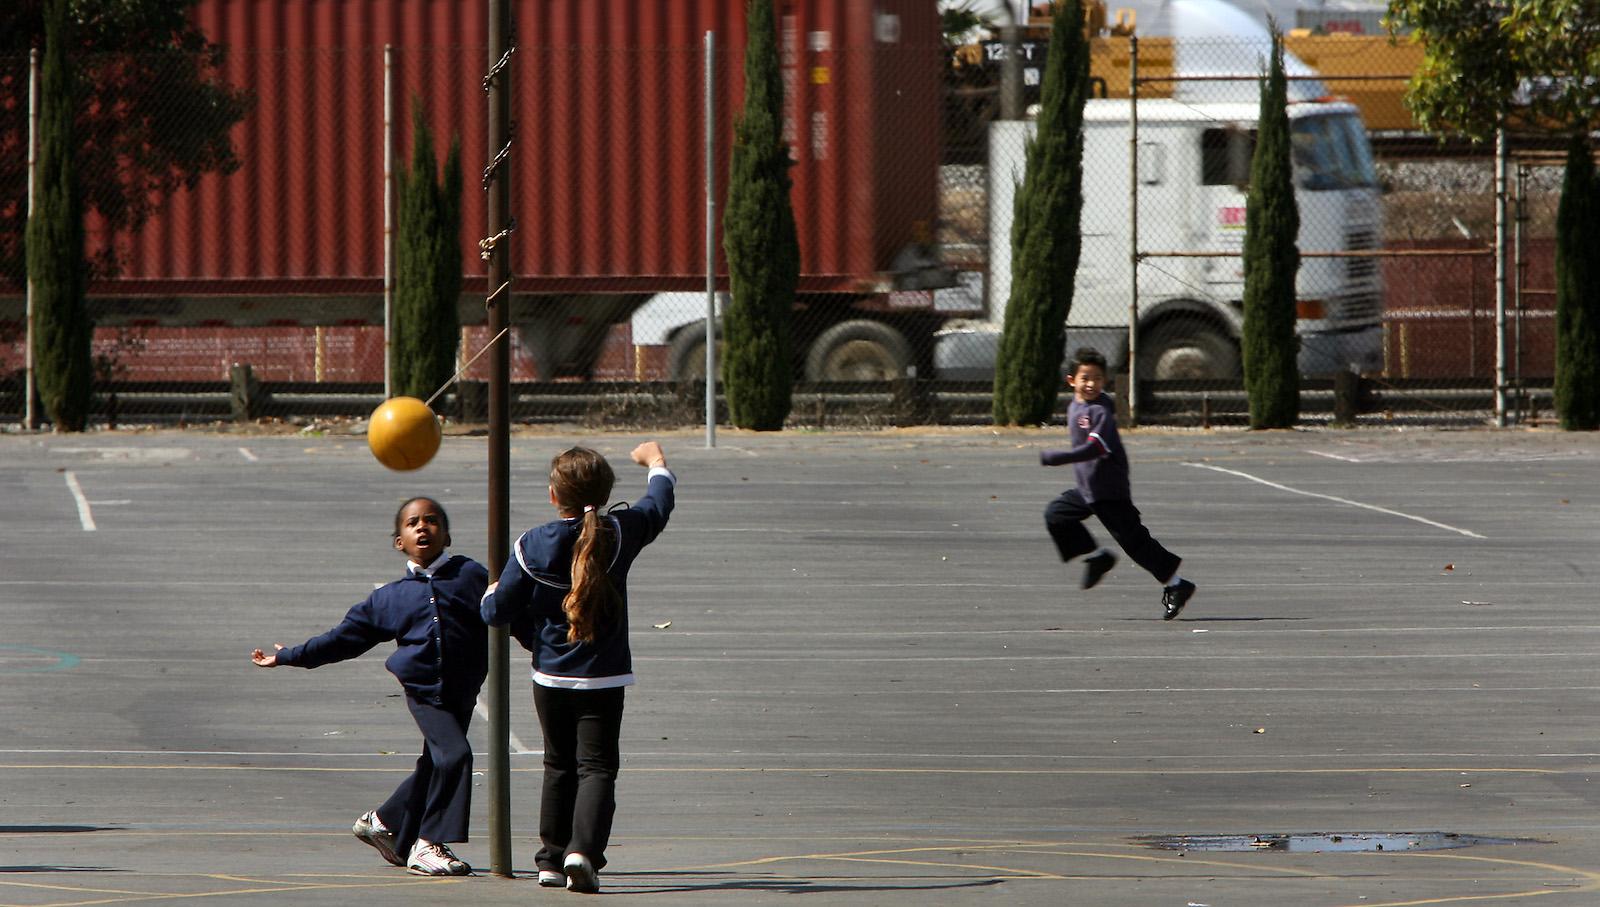 بچه ها هنگام تعطیلات در یک مدرسه ابتدایی در لس آنجلس تترابال بازی می کنند.